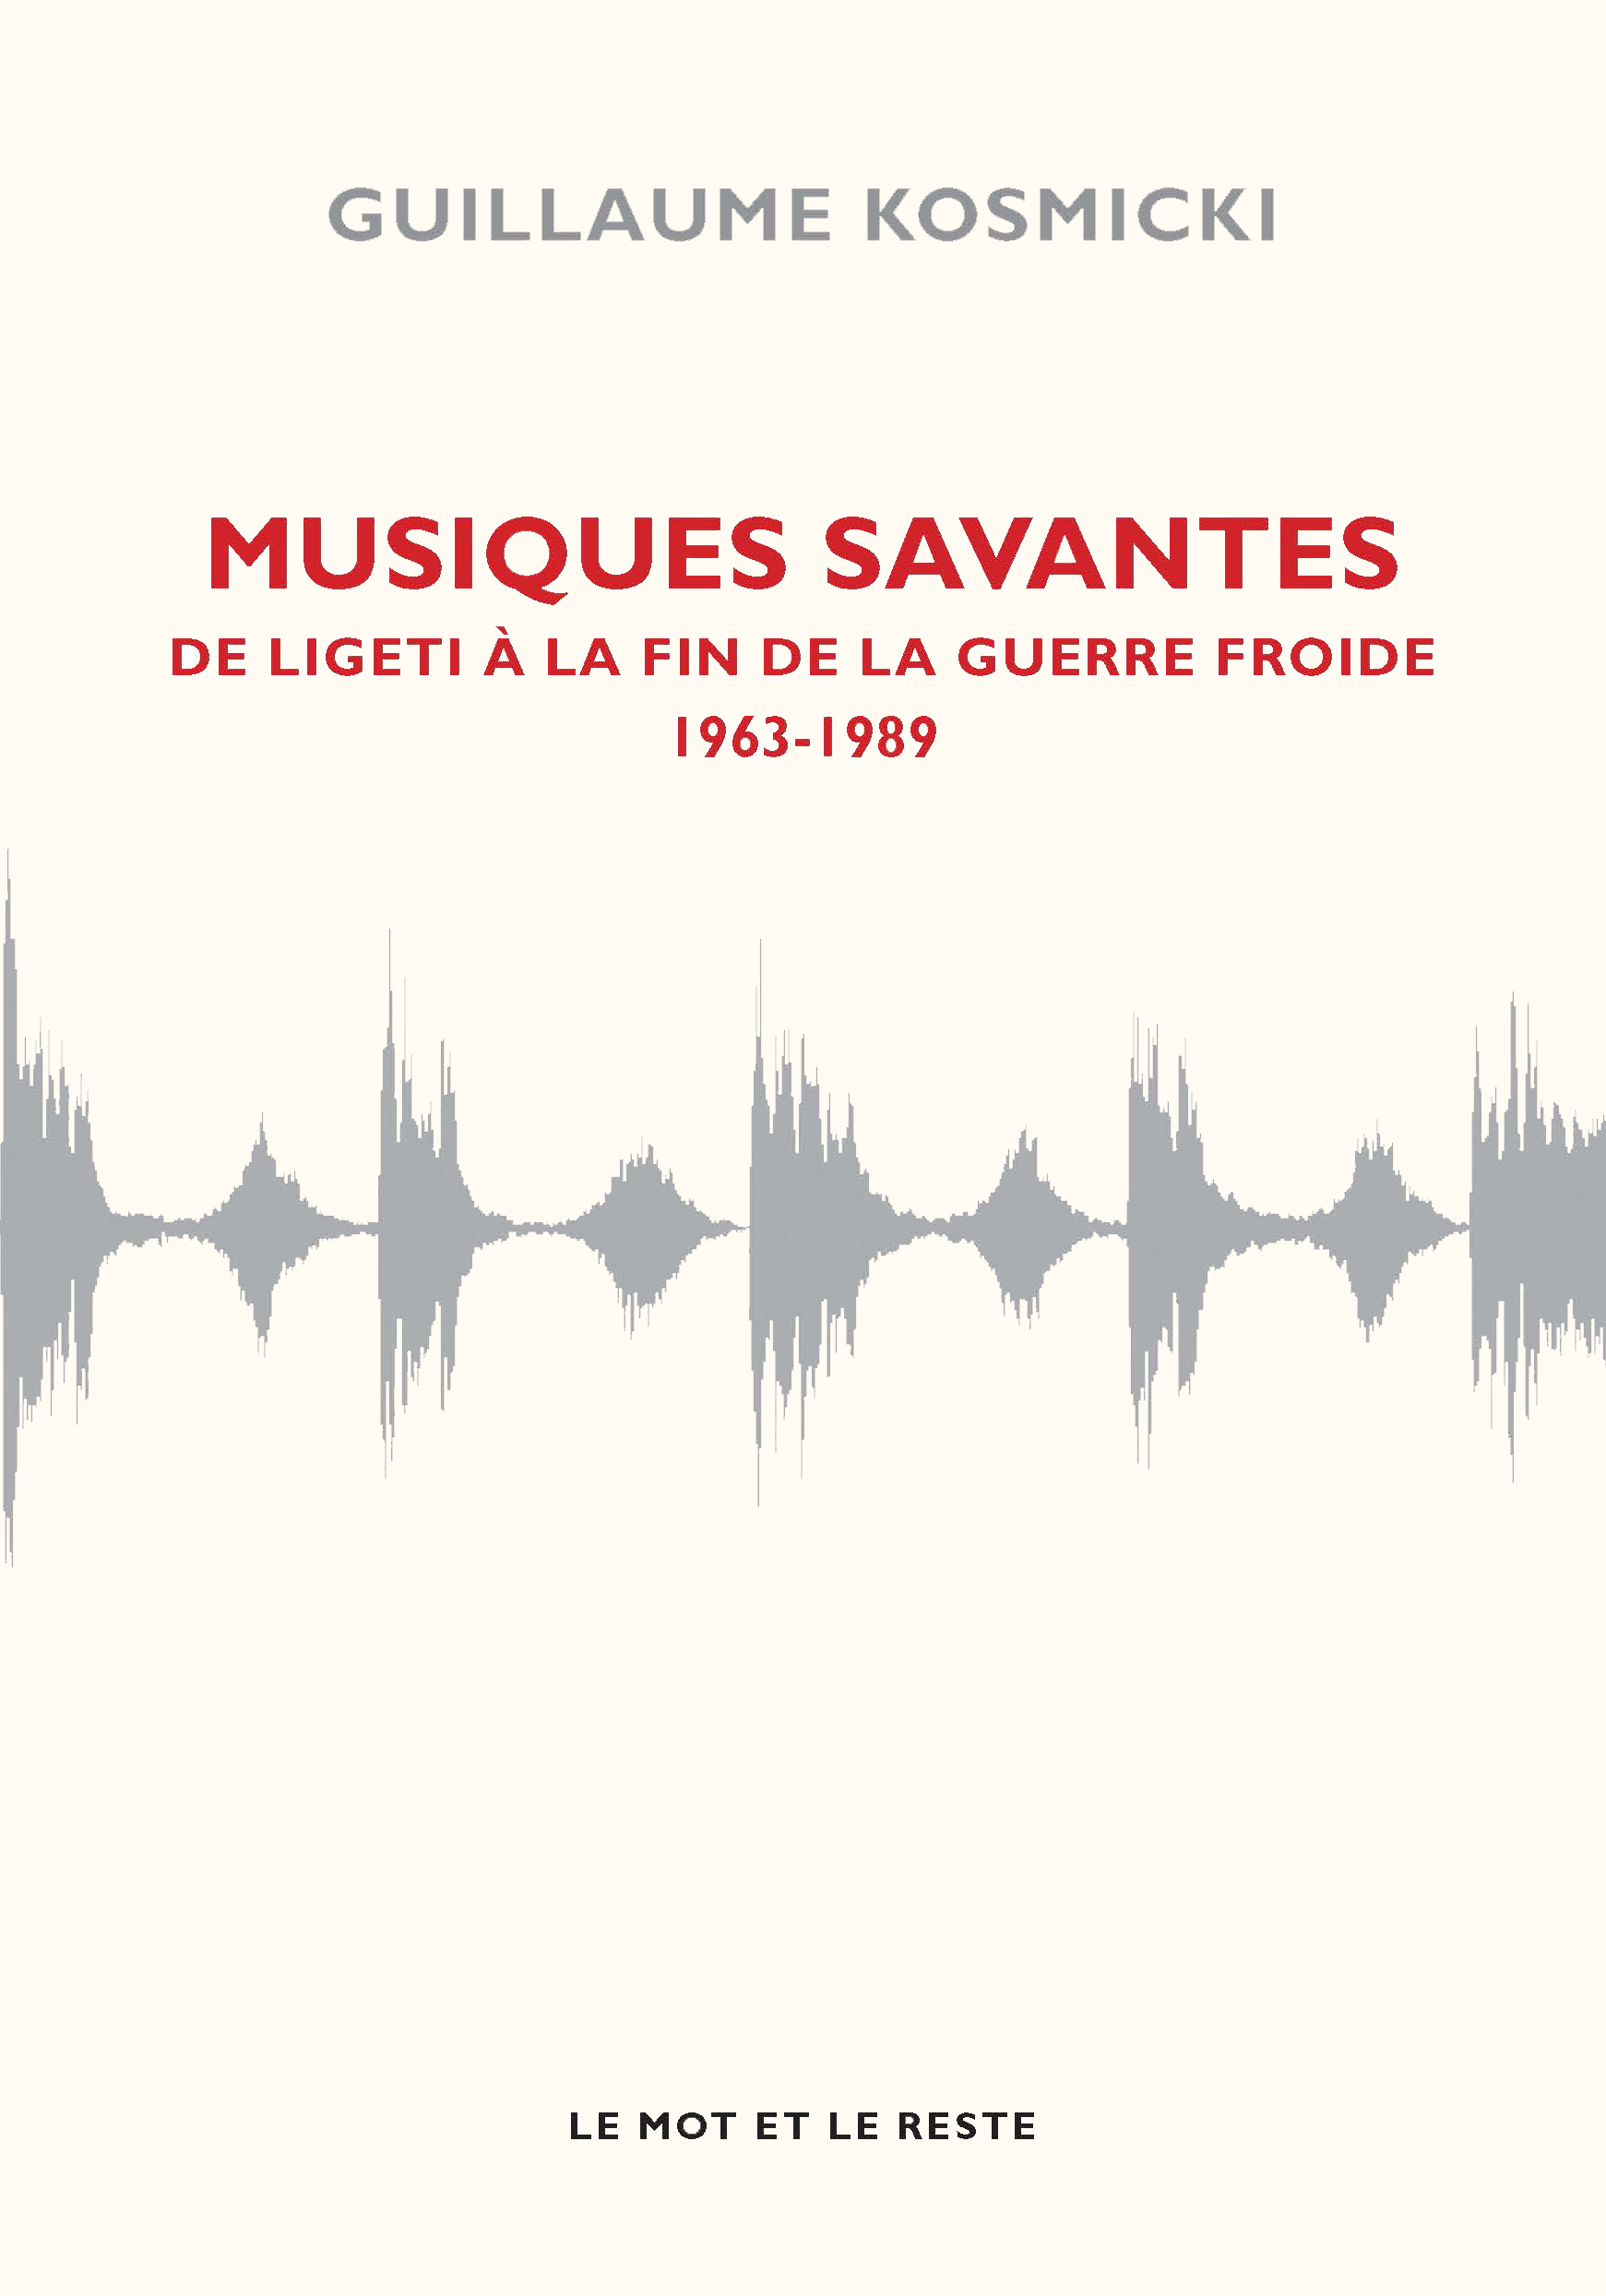 Musiques savantes - De Ligeti à la fin de la guerre froide 1963-1989